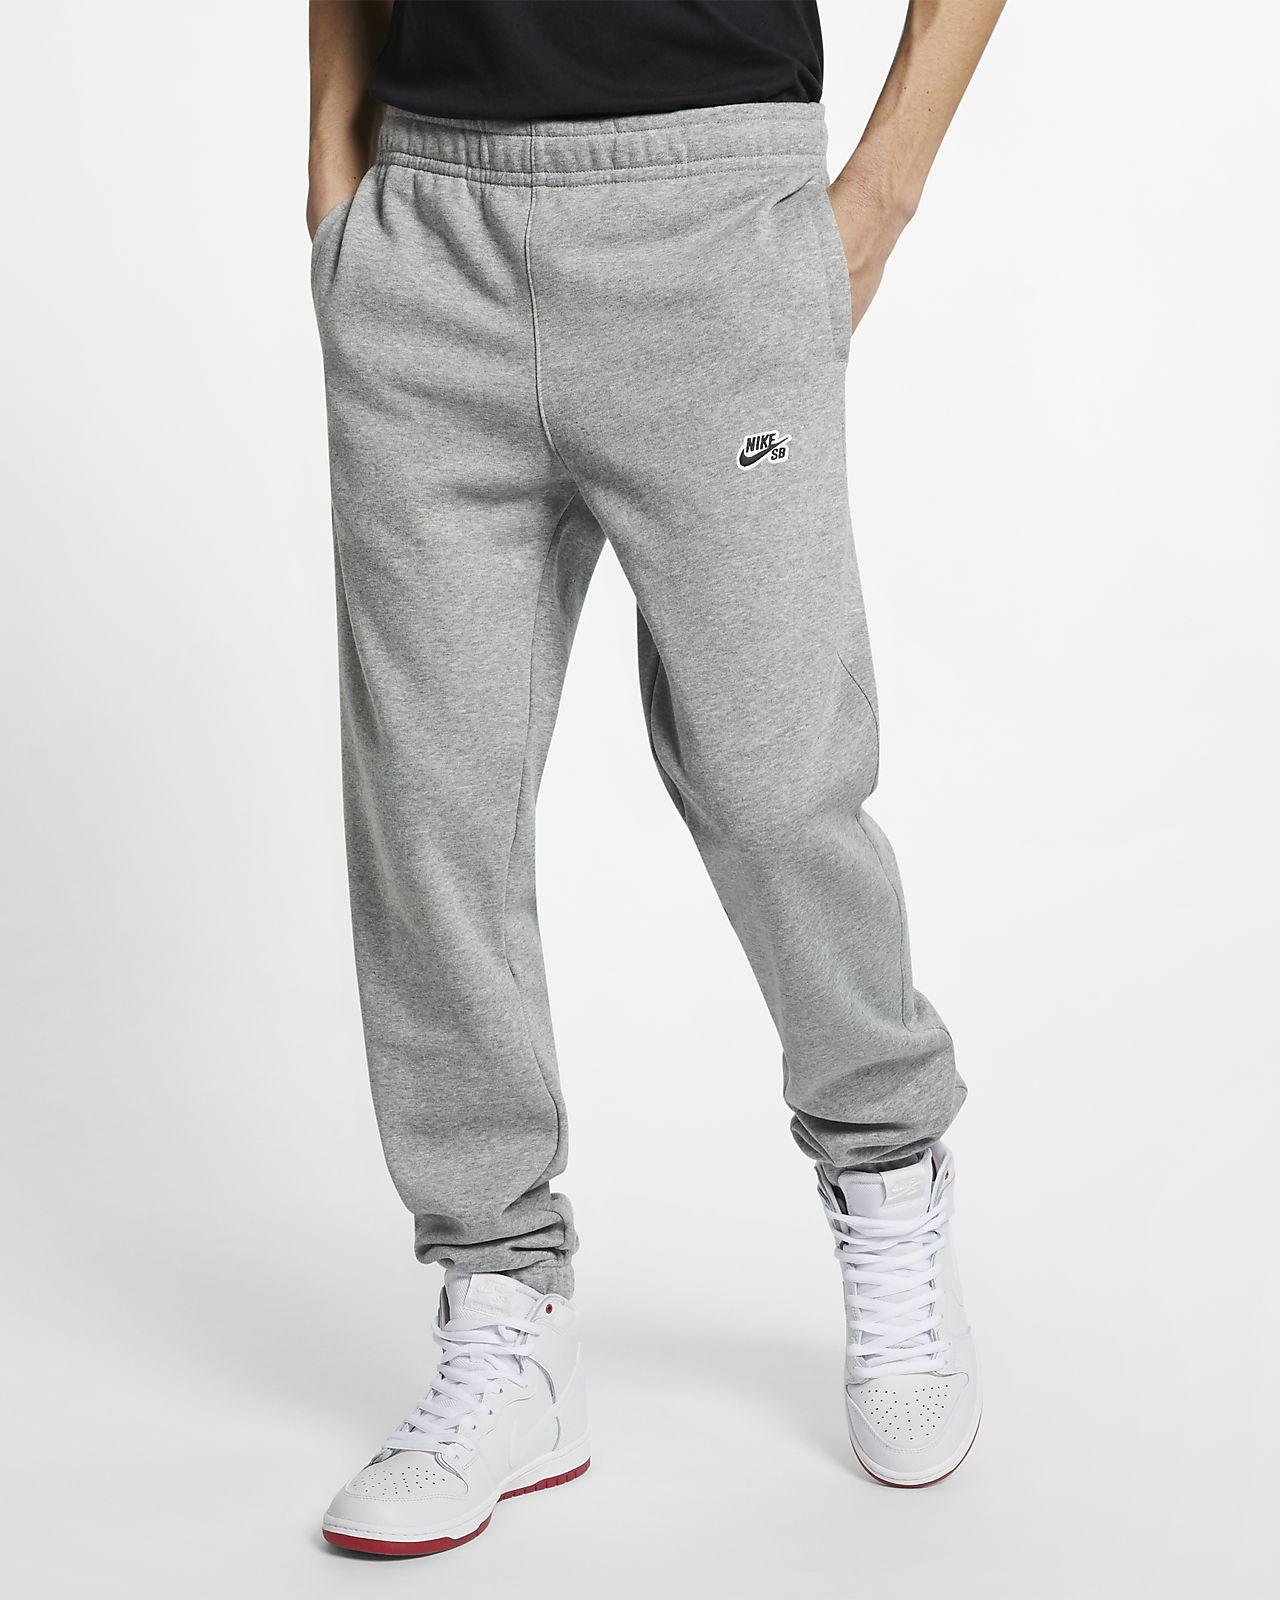 3f162d415be9e6 Nike SB Icon Men s Fleece Skate Pants. Nike.com